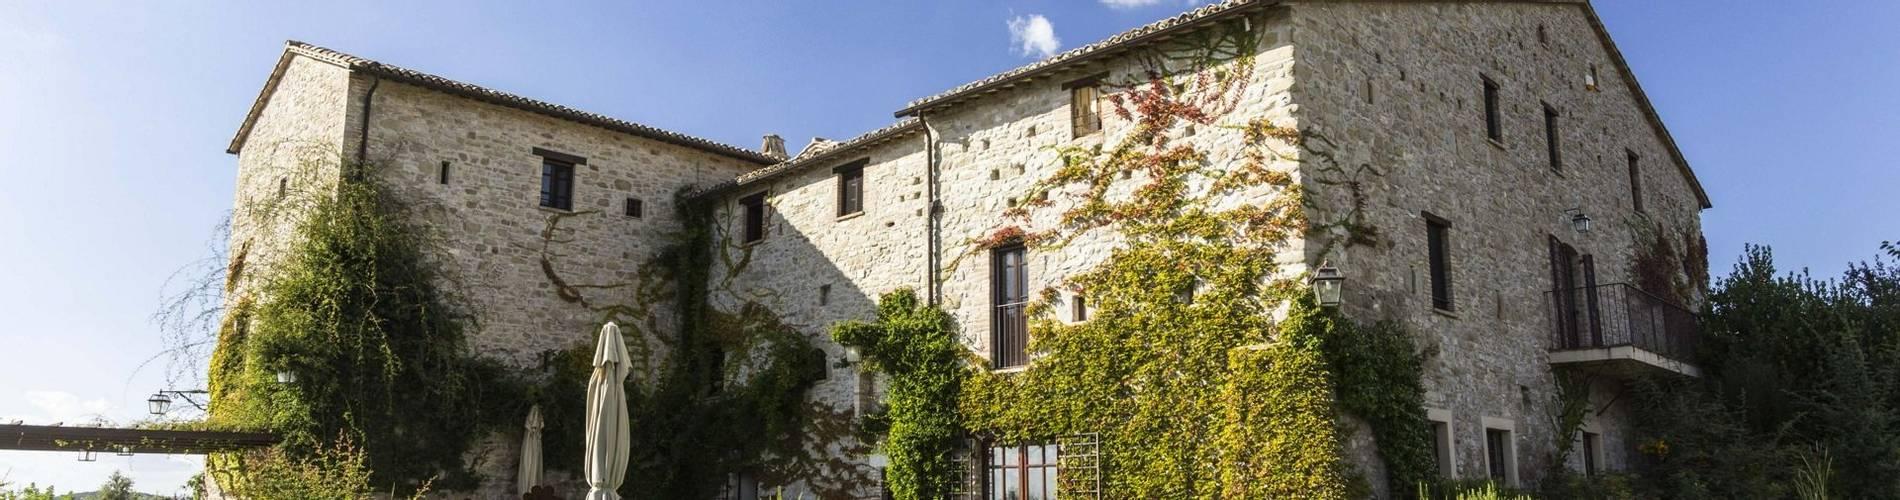 Castello Di Petrata, Umbria, Italy (4).jpg